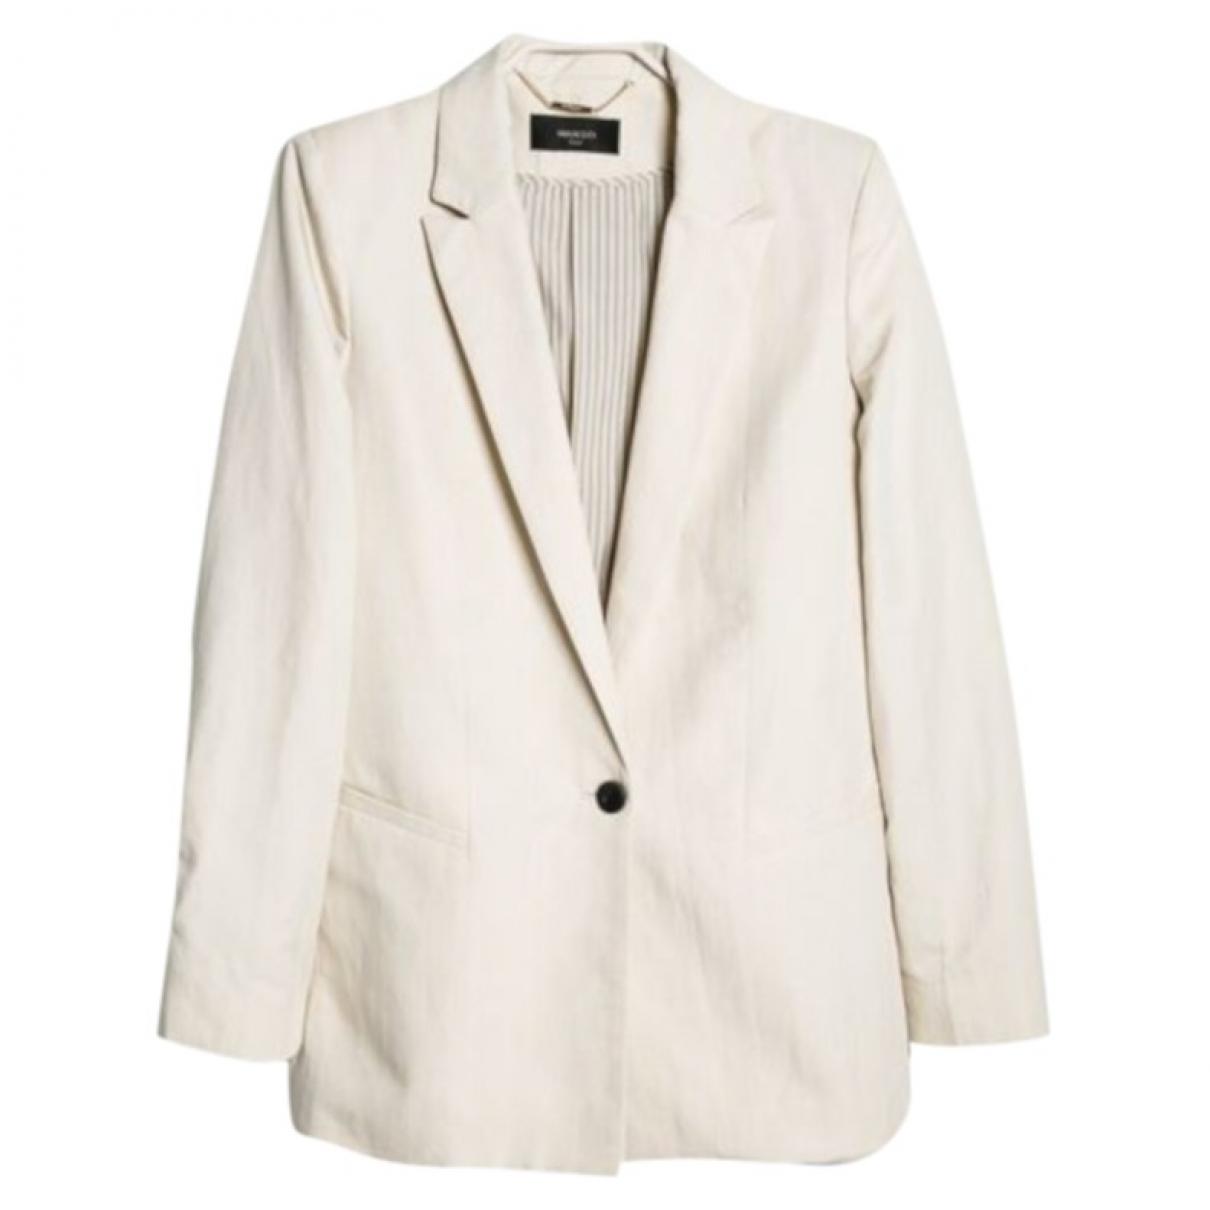 Mango \N Beige jacket for Women S International